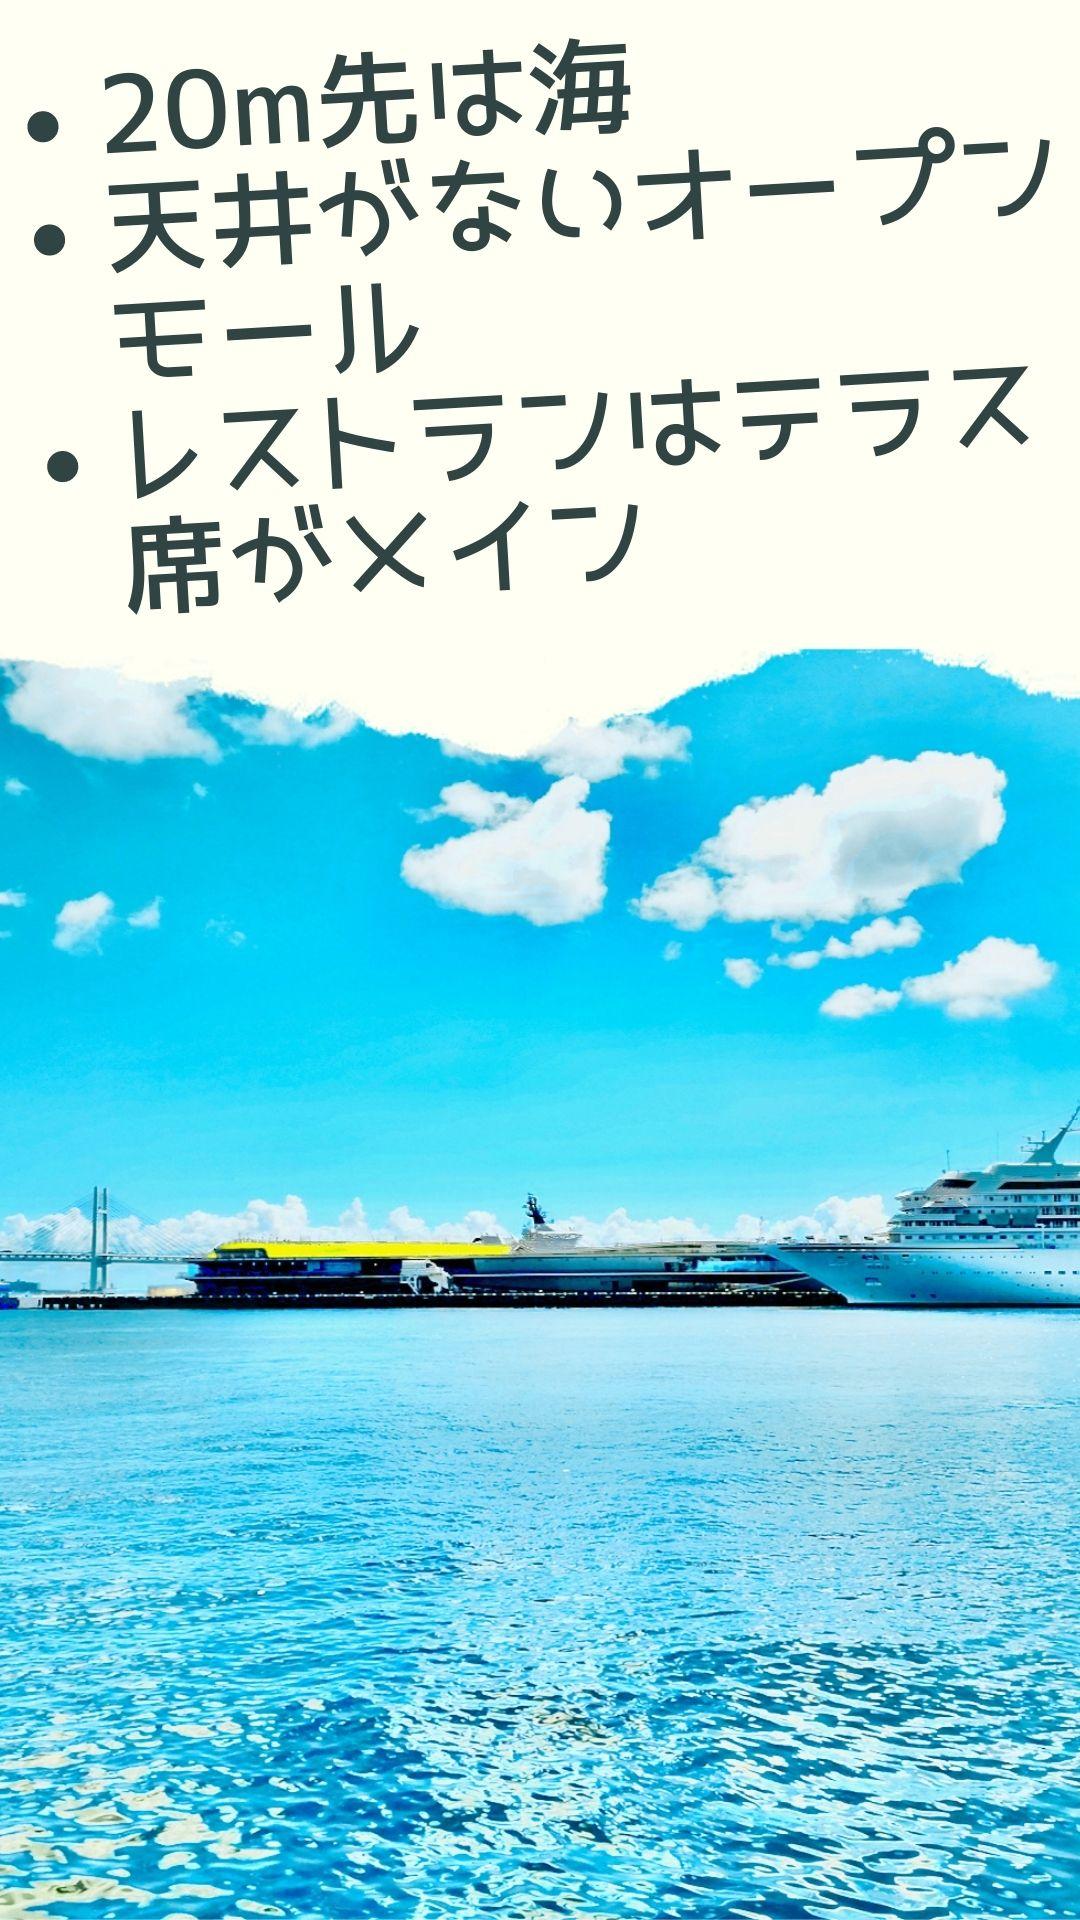 【別世界!】横浜おしゃれデート狙いなら「マリン&ウォーク Yokohama」がおすすめのイラスト画像